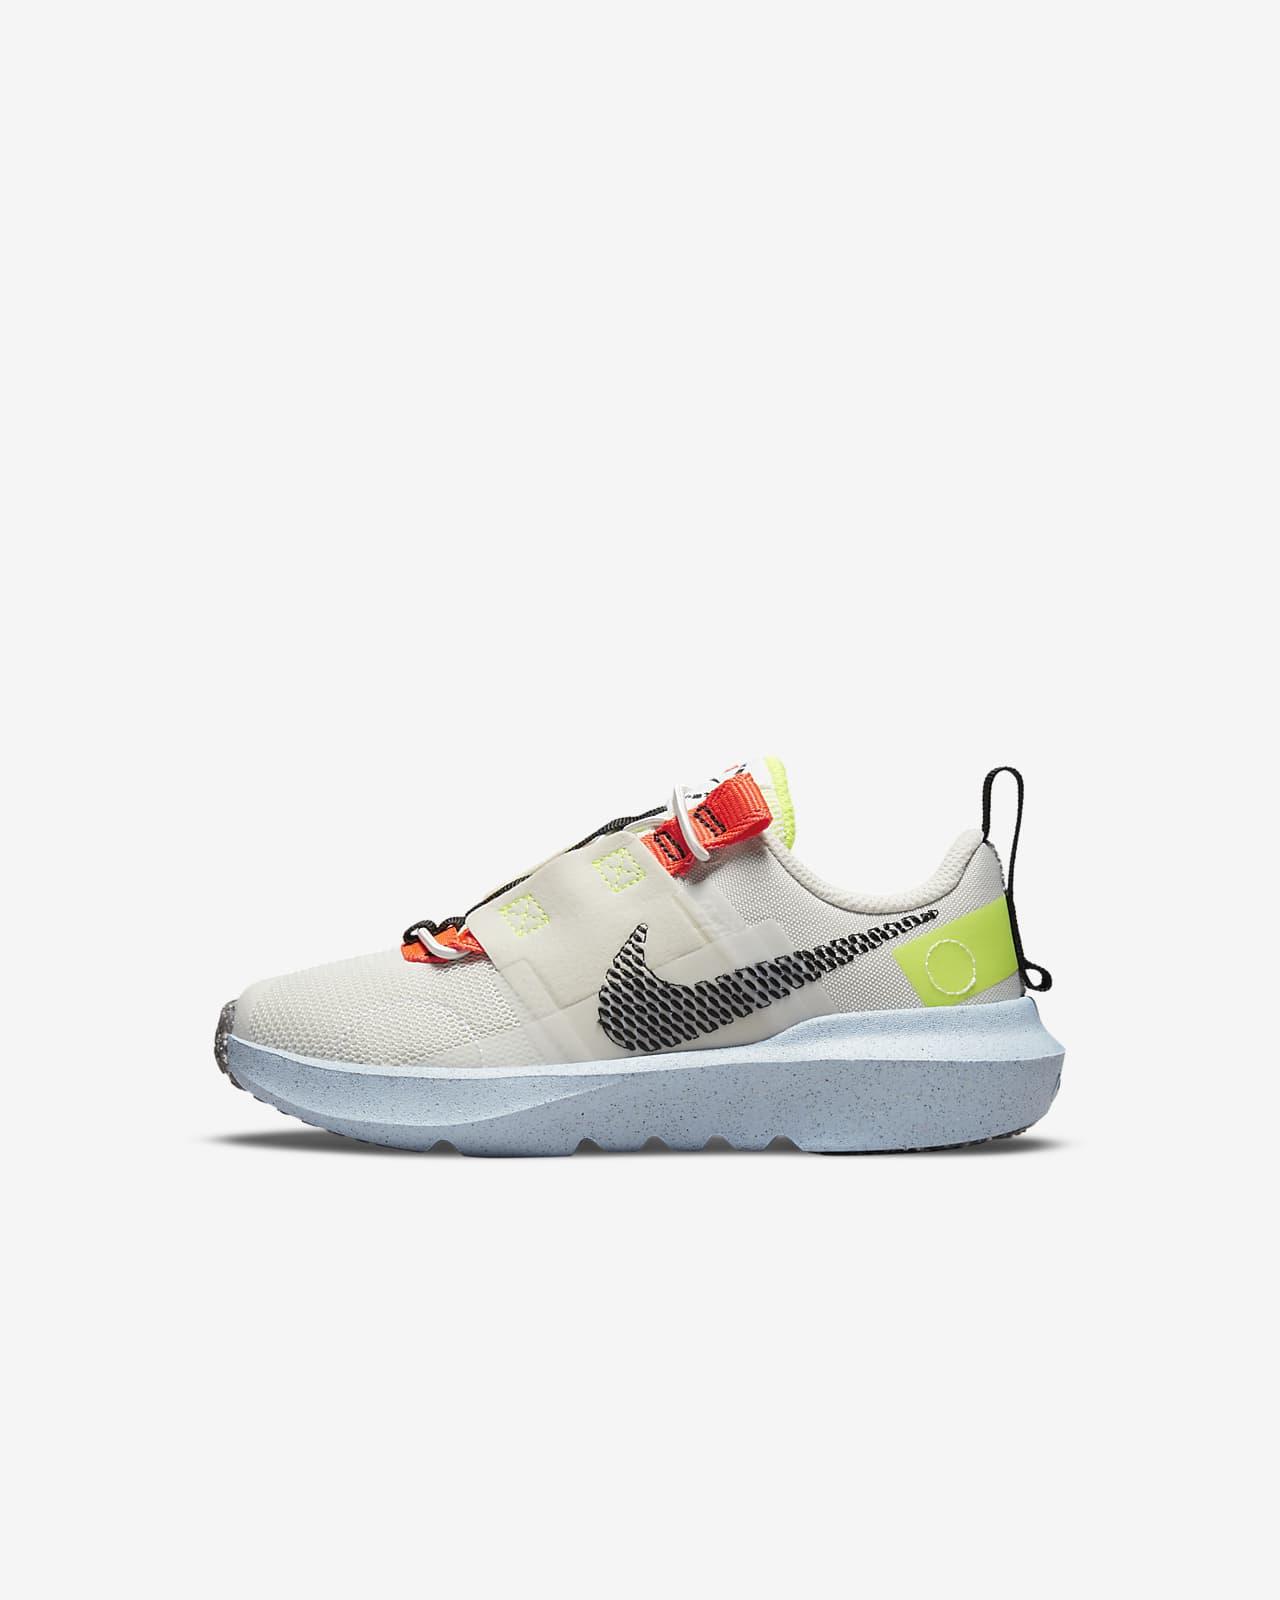 Chaussure Nike Crater Impact pour Jeune enfant